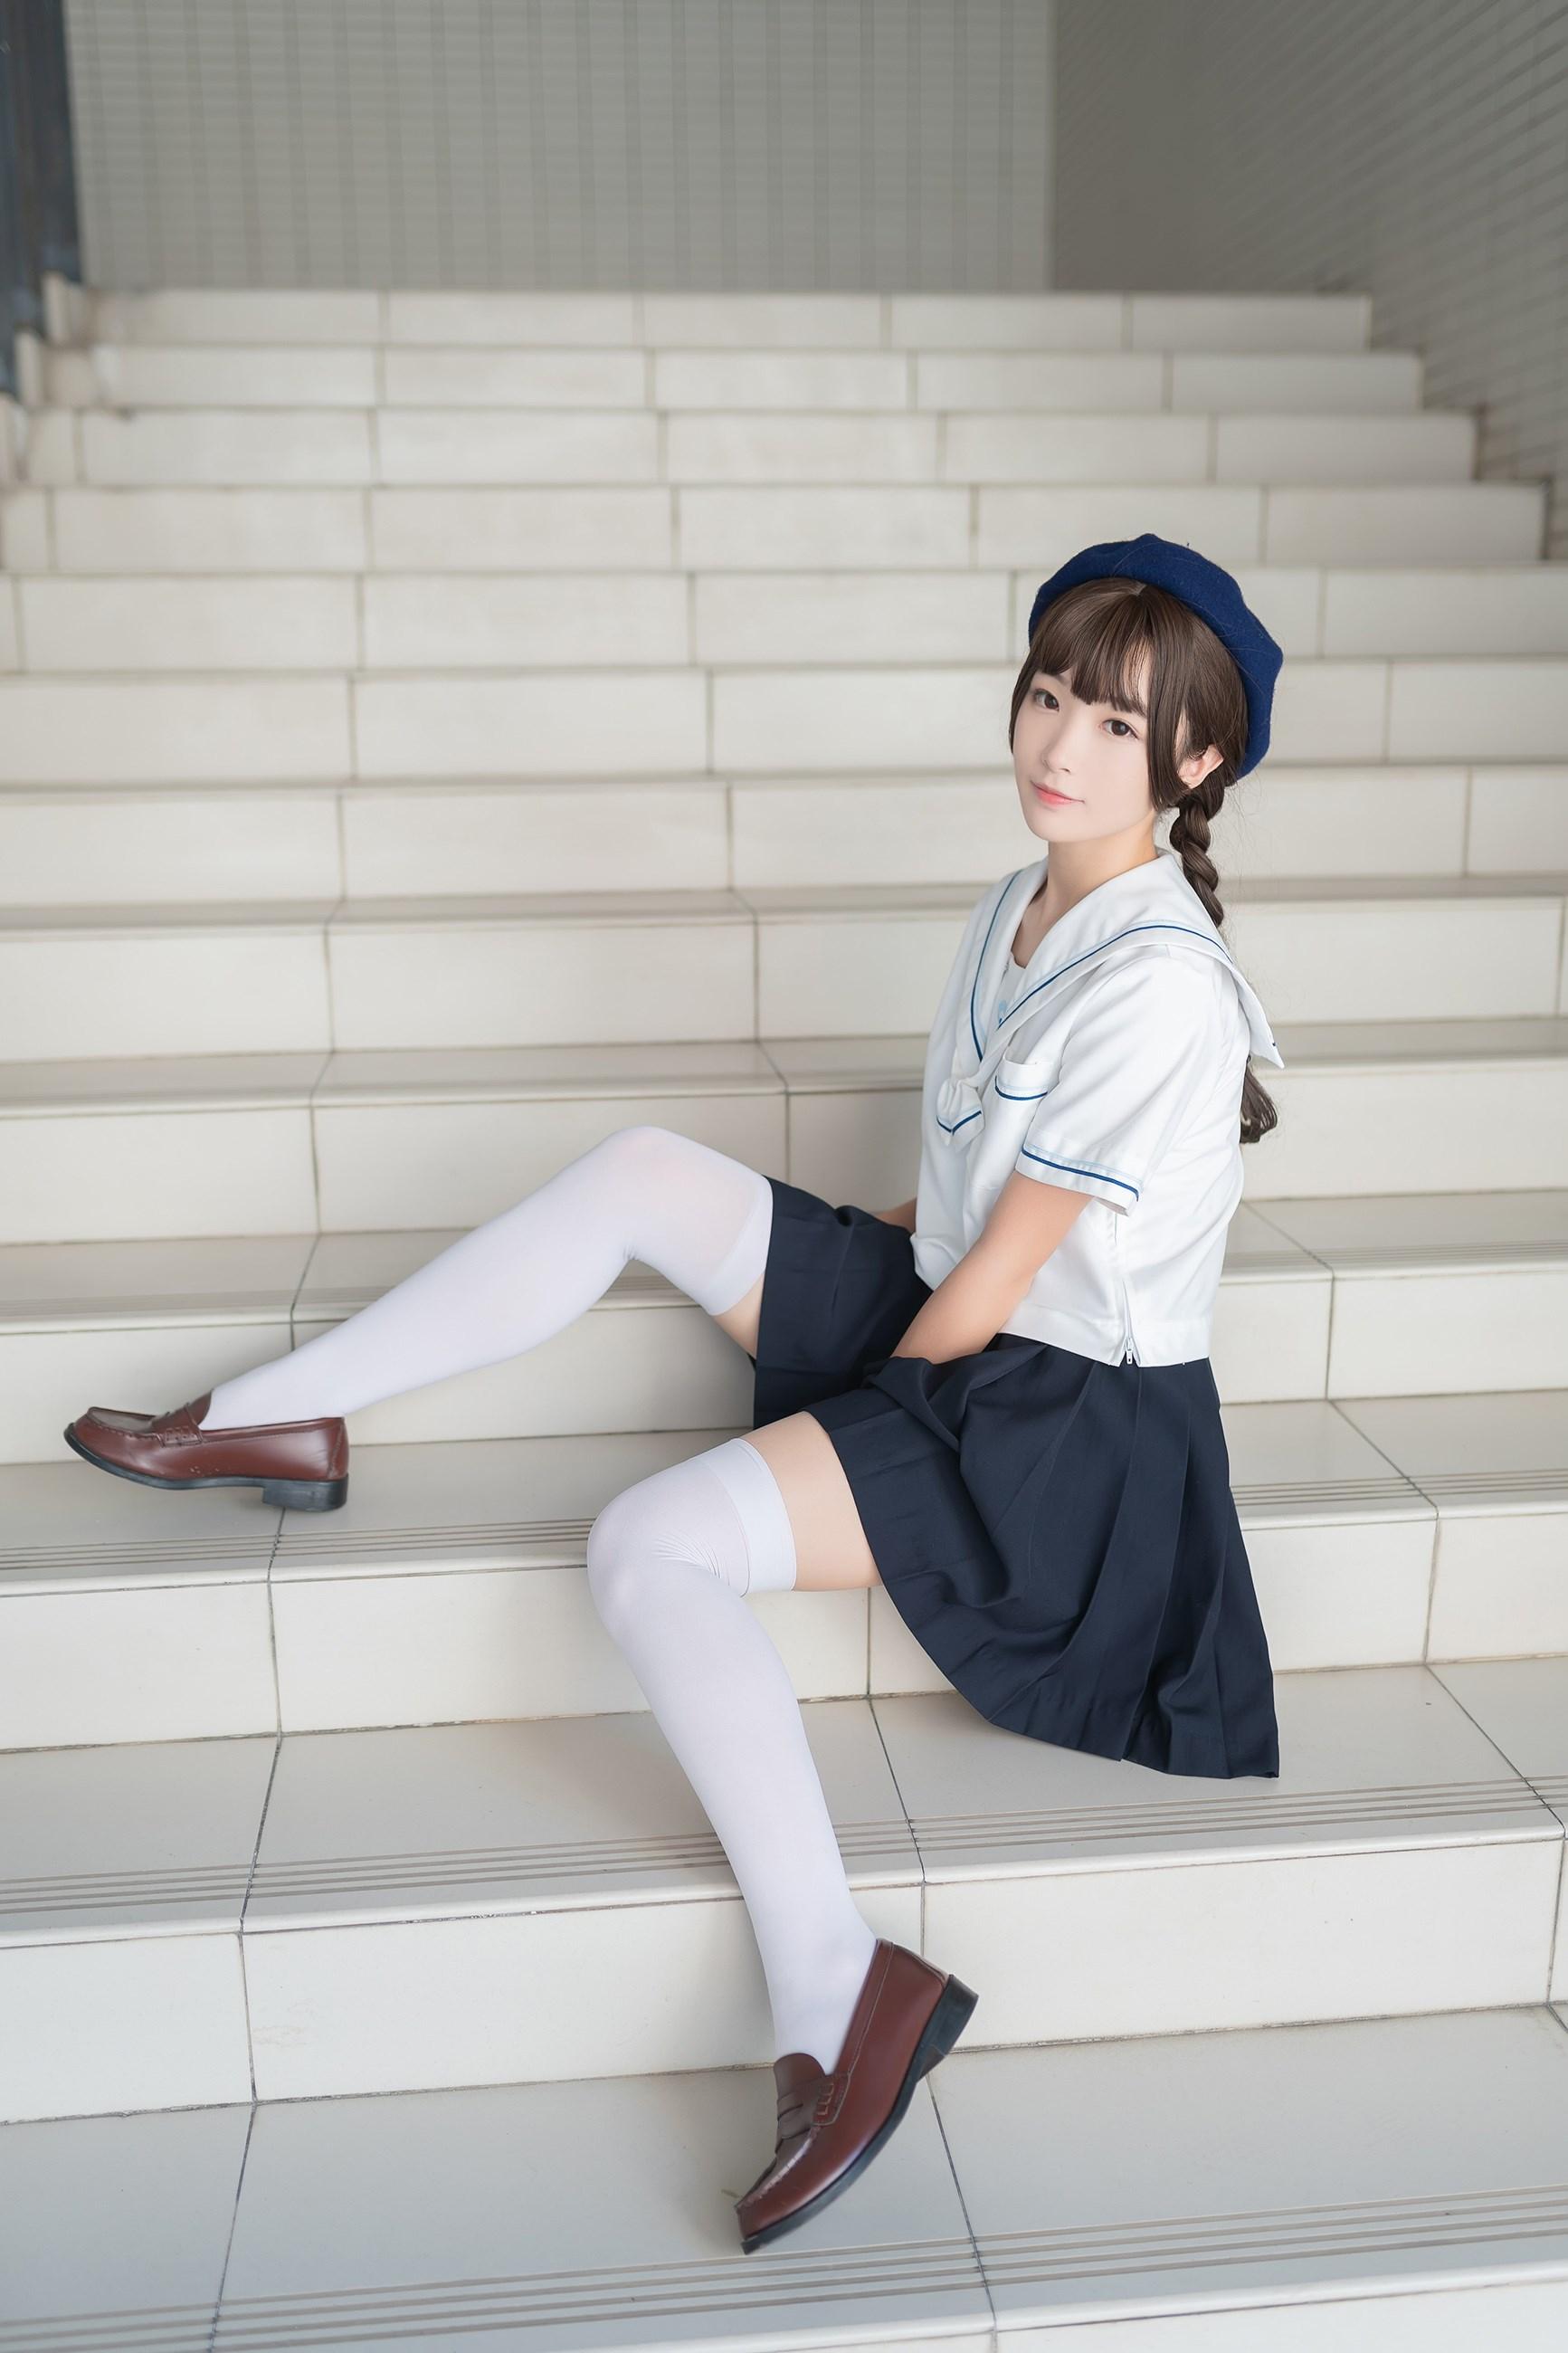 【兔玩映画】楼梯上的白丝少女 兔玩映画 第3张